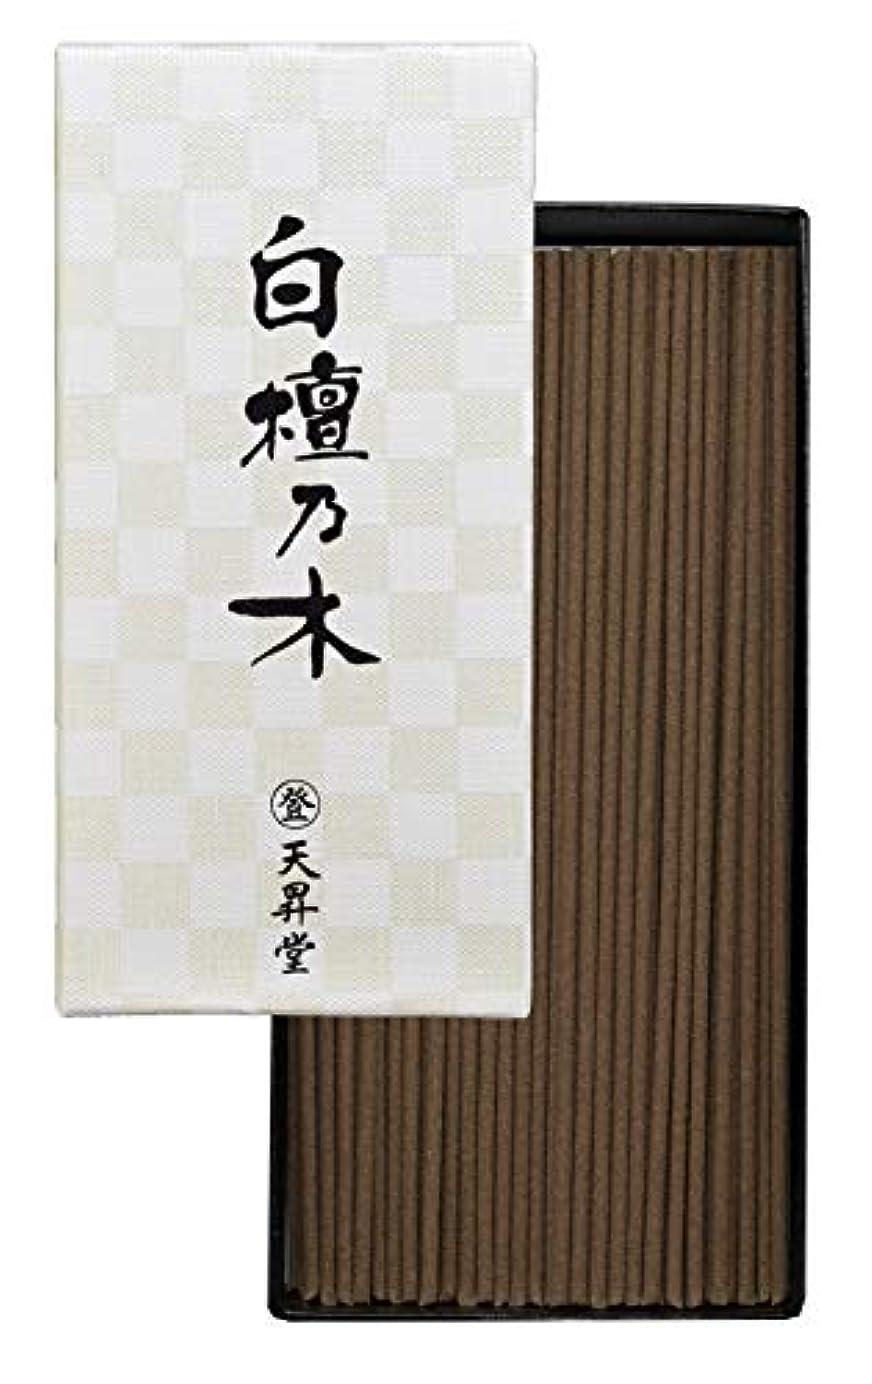 矛盾ドロースナック天昇堂のお線香 白檀乃木 バラ詰め 約40g